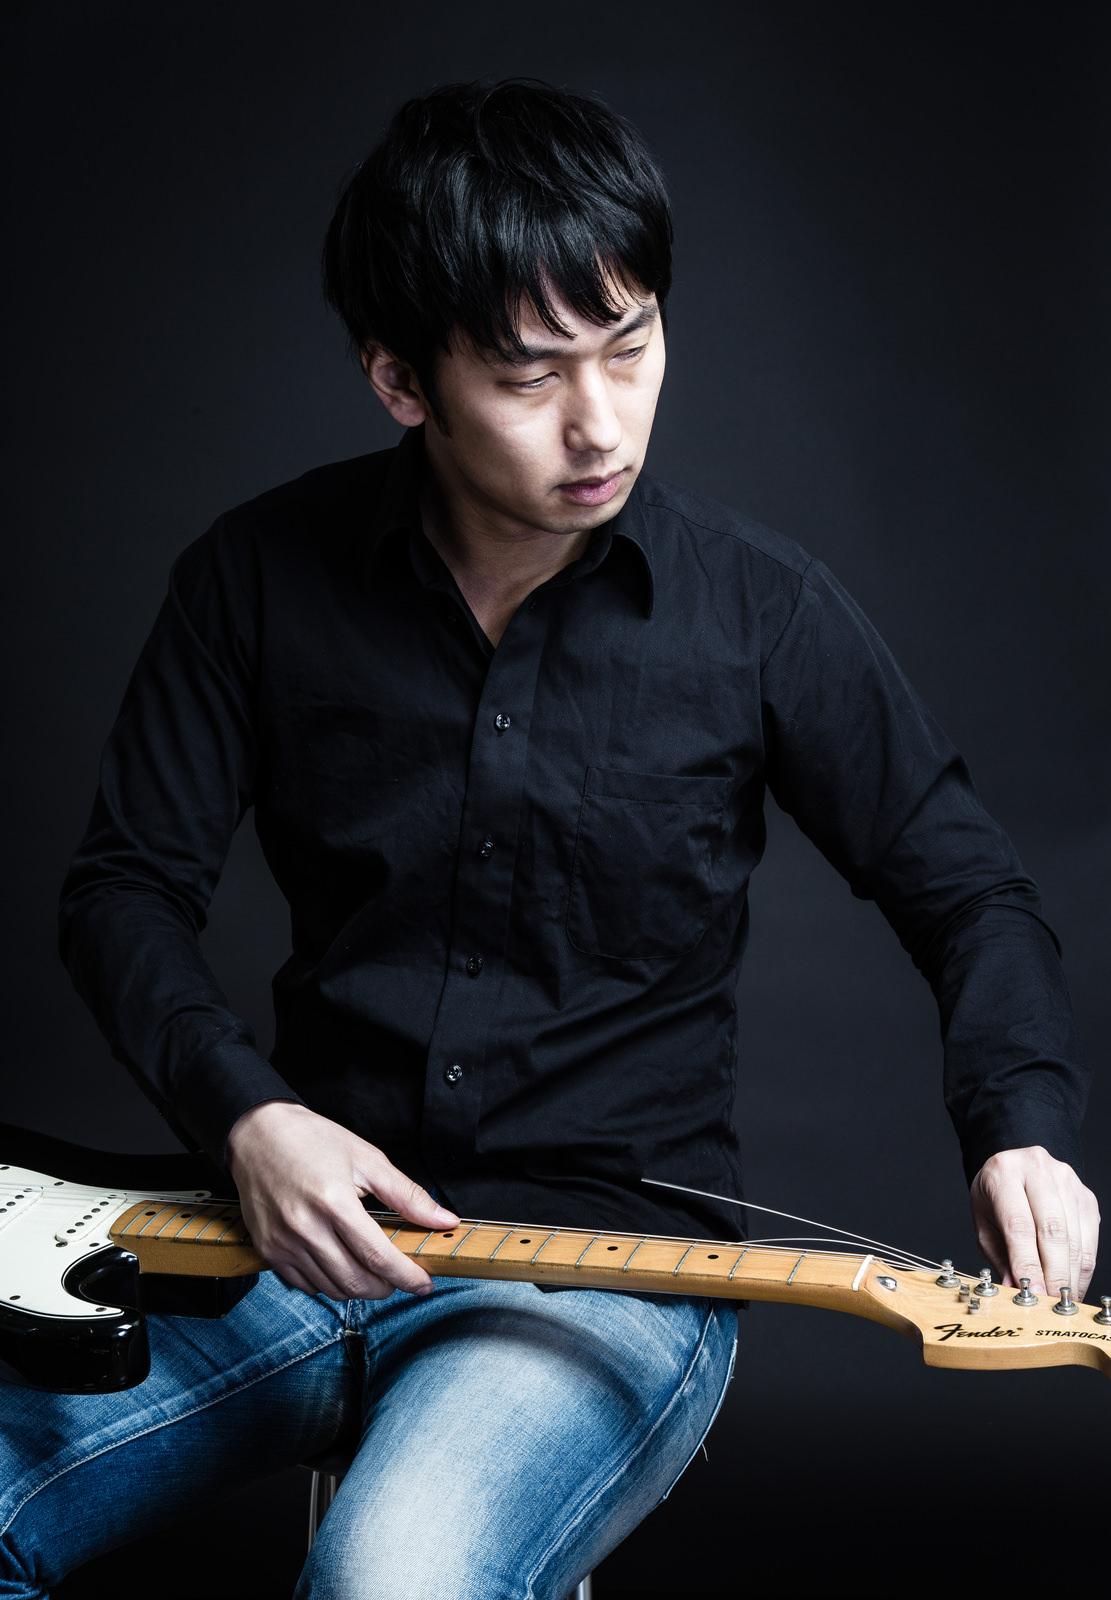 ギターの弦を張り替えるギタリスト松野氏(仮)ギターの弦を張り替えるギタリスト松野氏(仮) [モデル:大川竜弥]